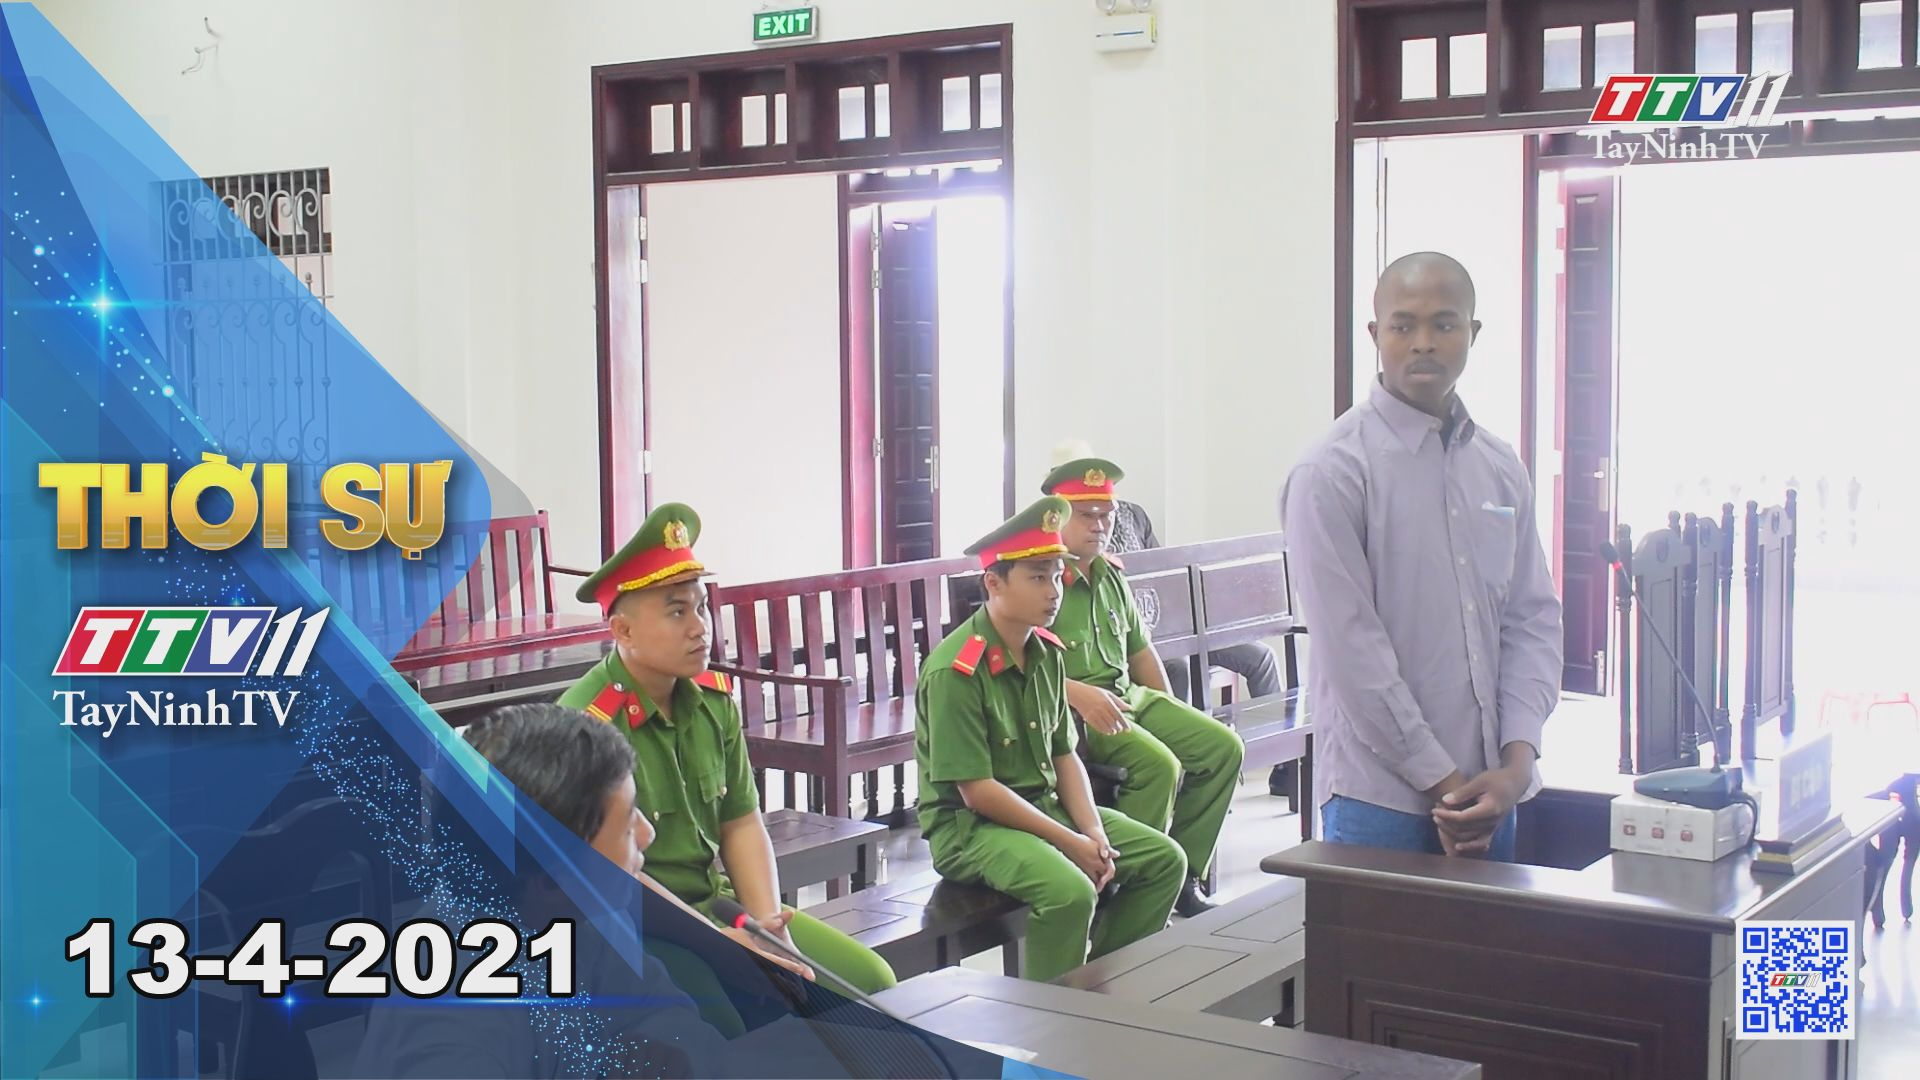 Thời sự Tây Ninh 13-4-2021 | Tin tức hôm nay | TayNinhTV